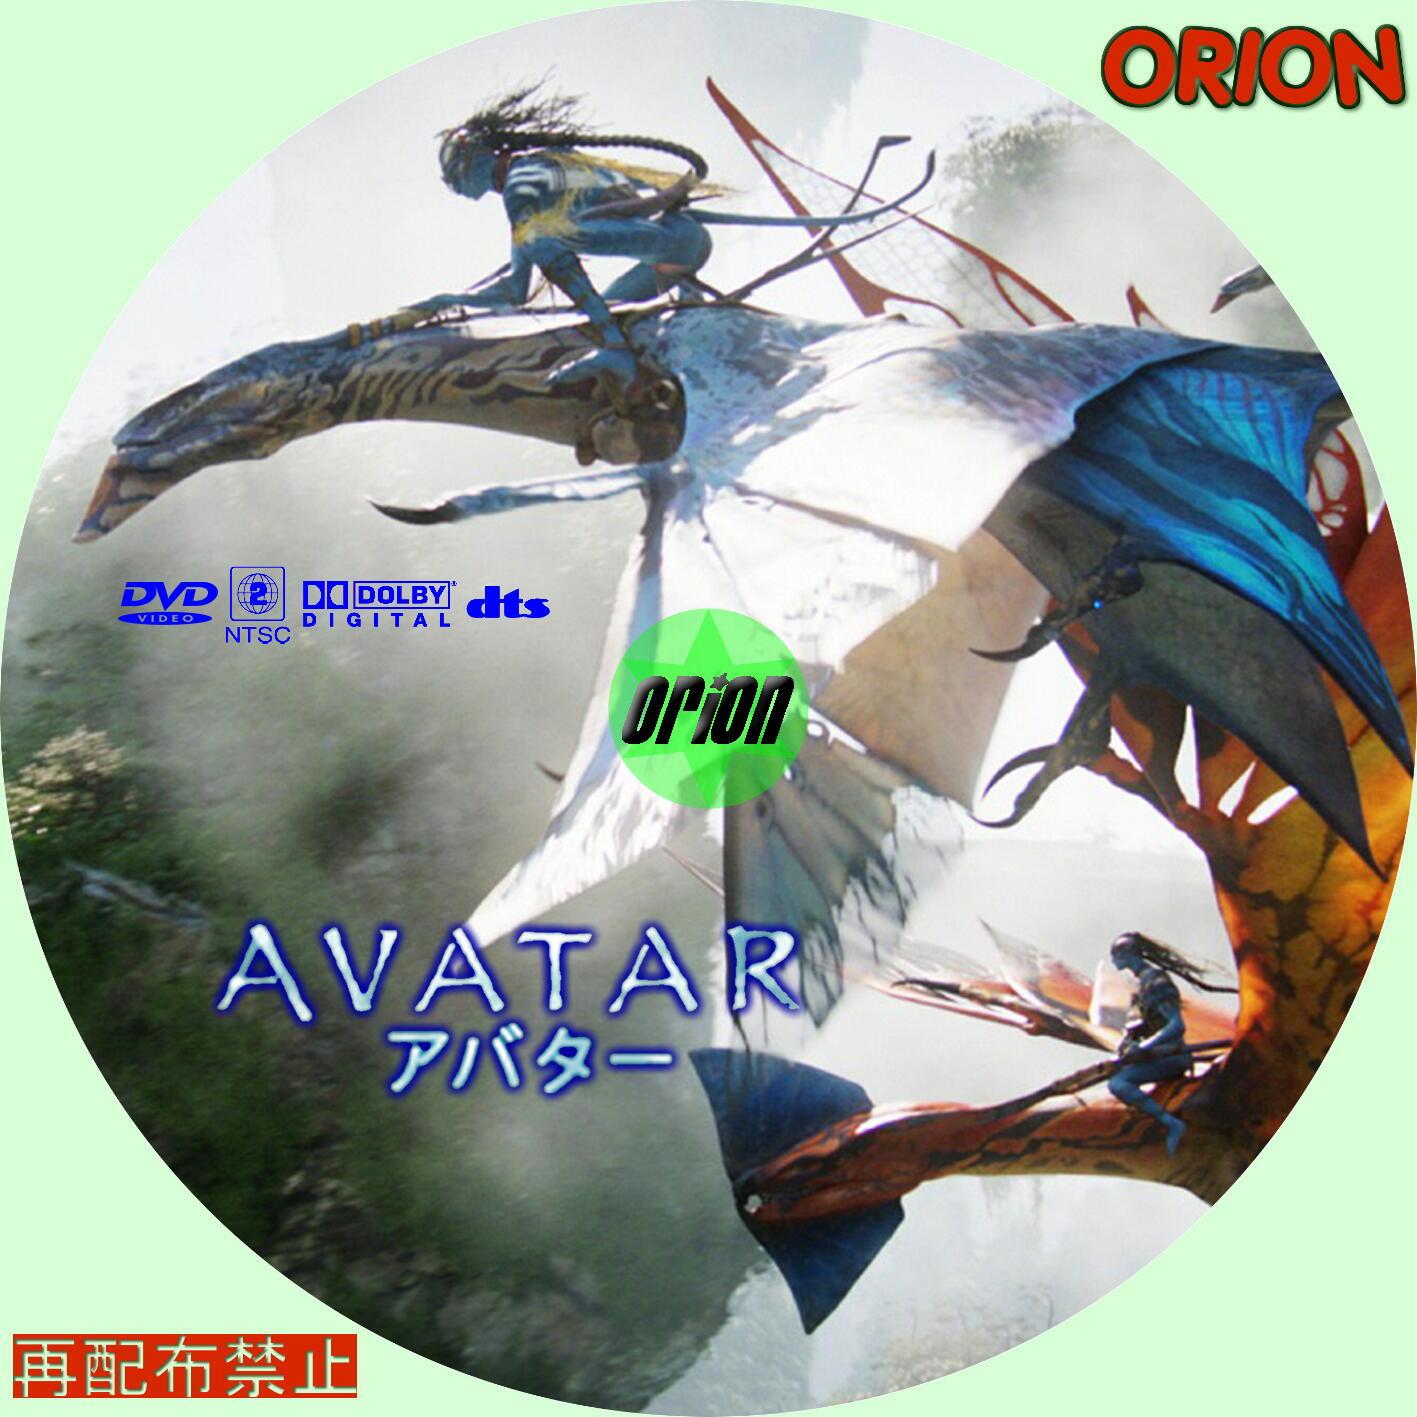 Avatar 2 On Dvd: まったり気ままにDVD